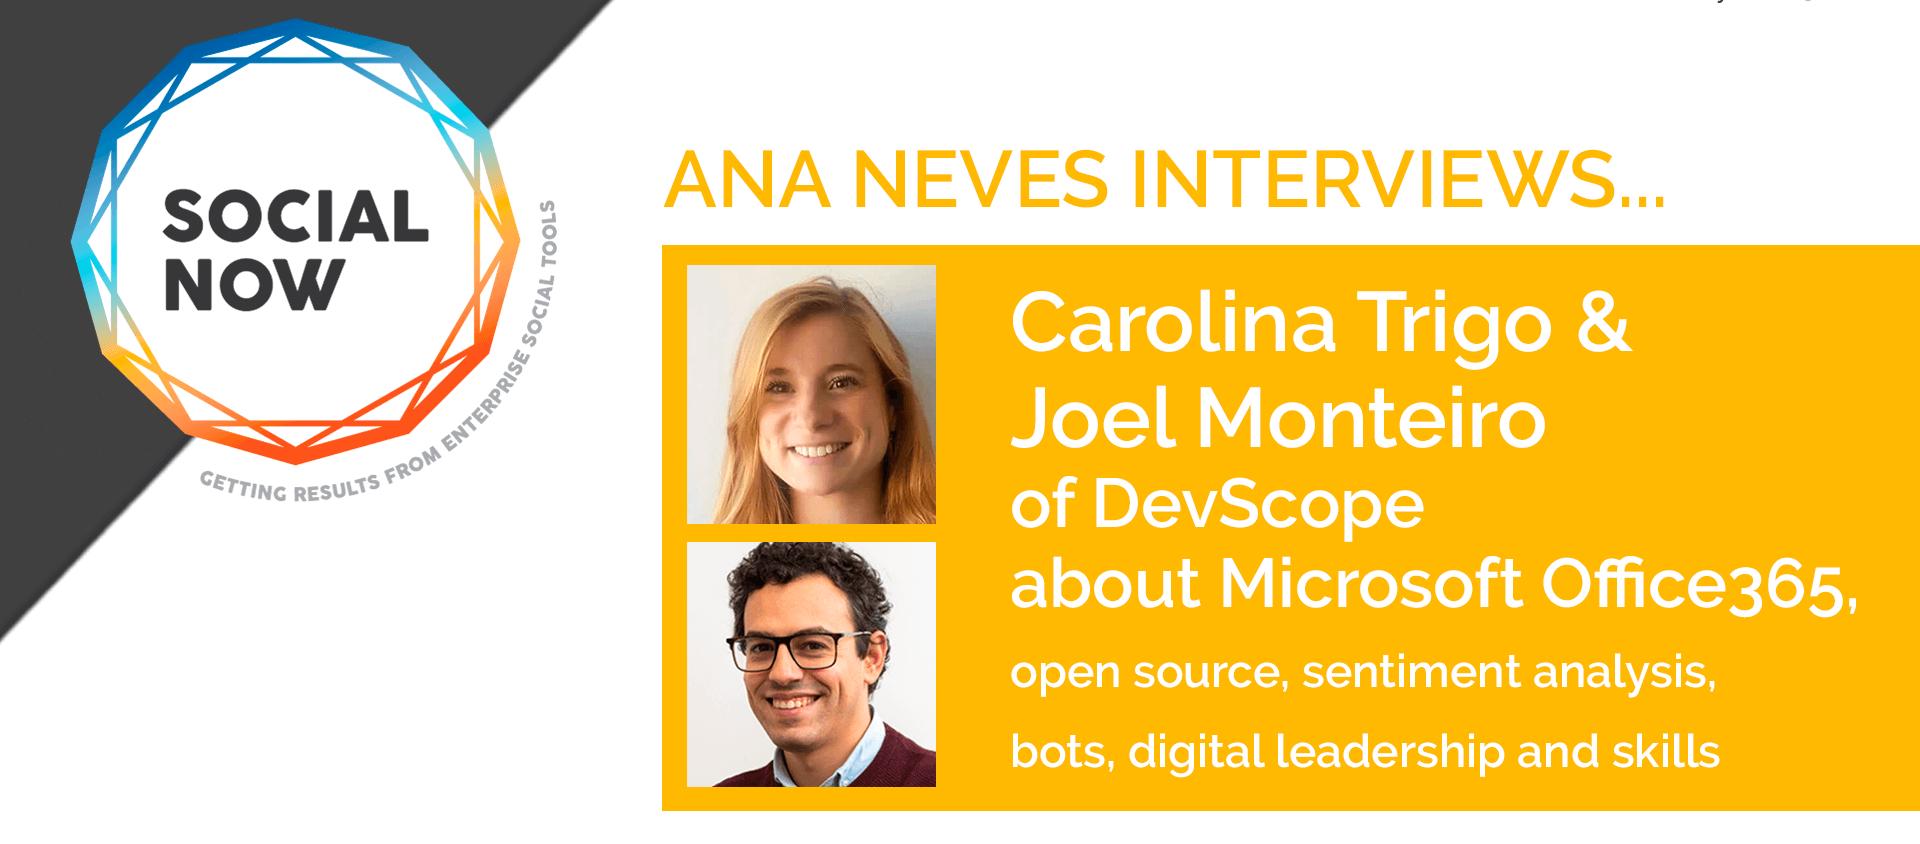 Interview of Carolina Trigo and Joel Monteiro